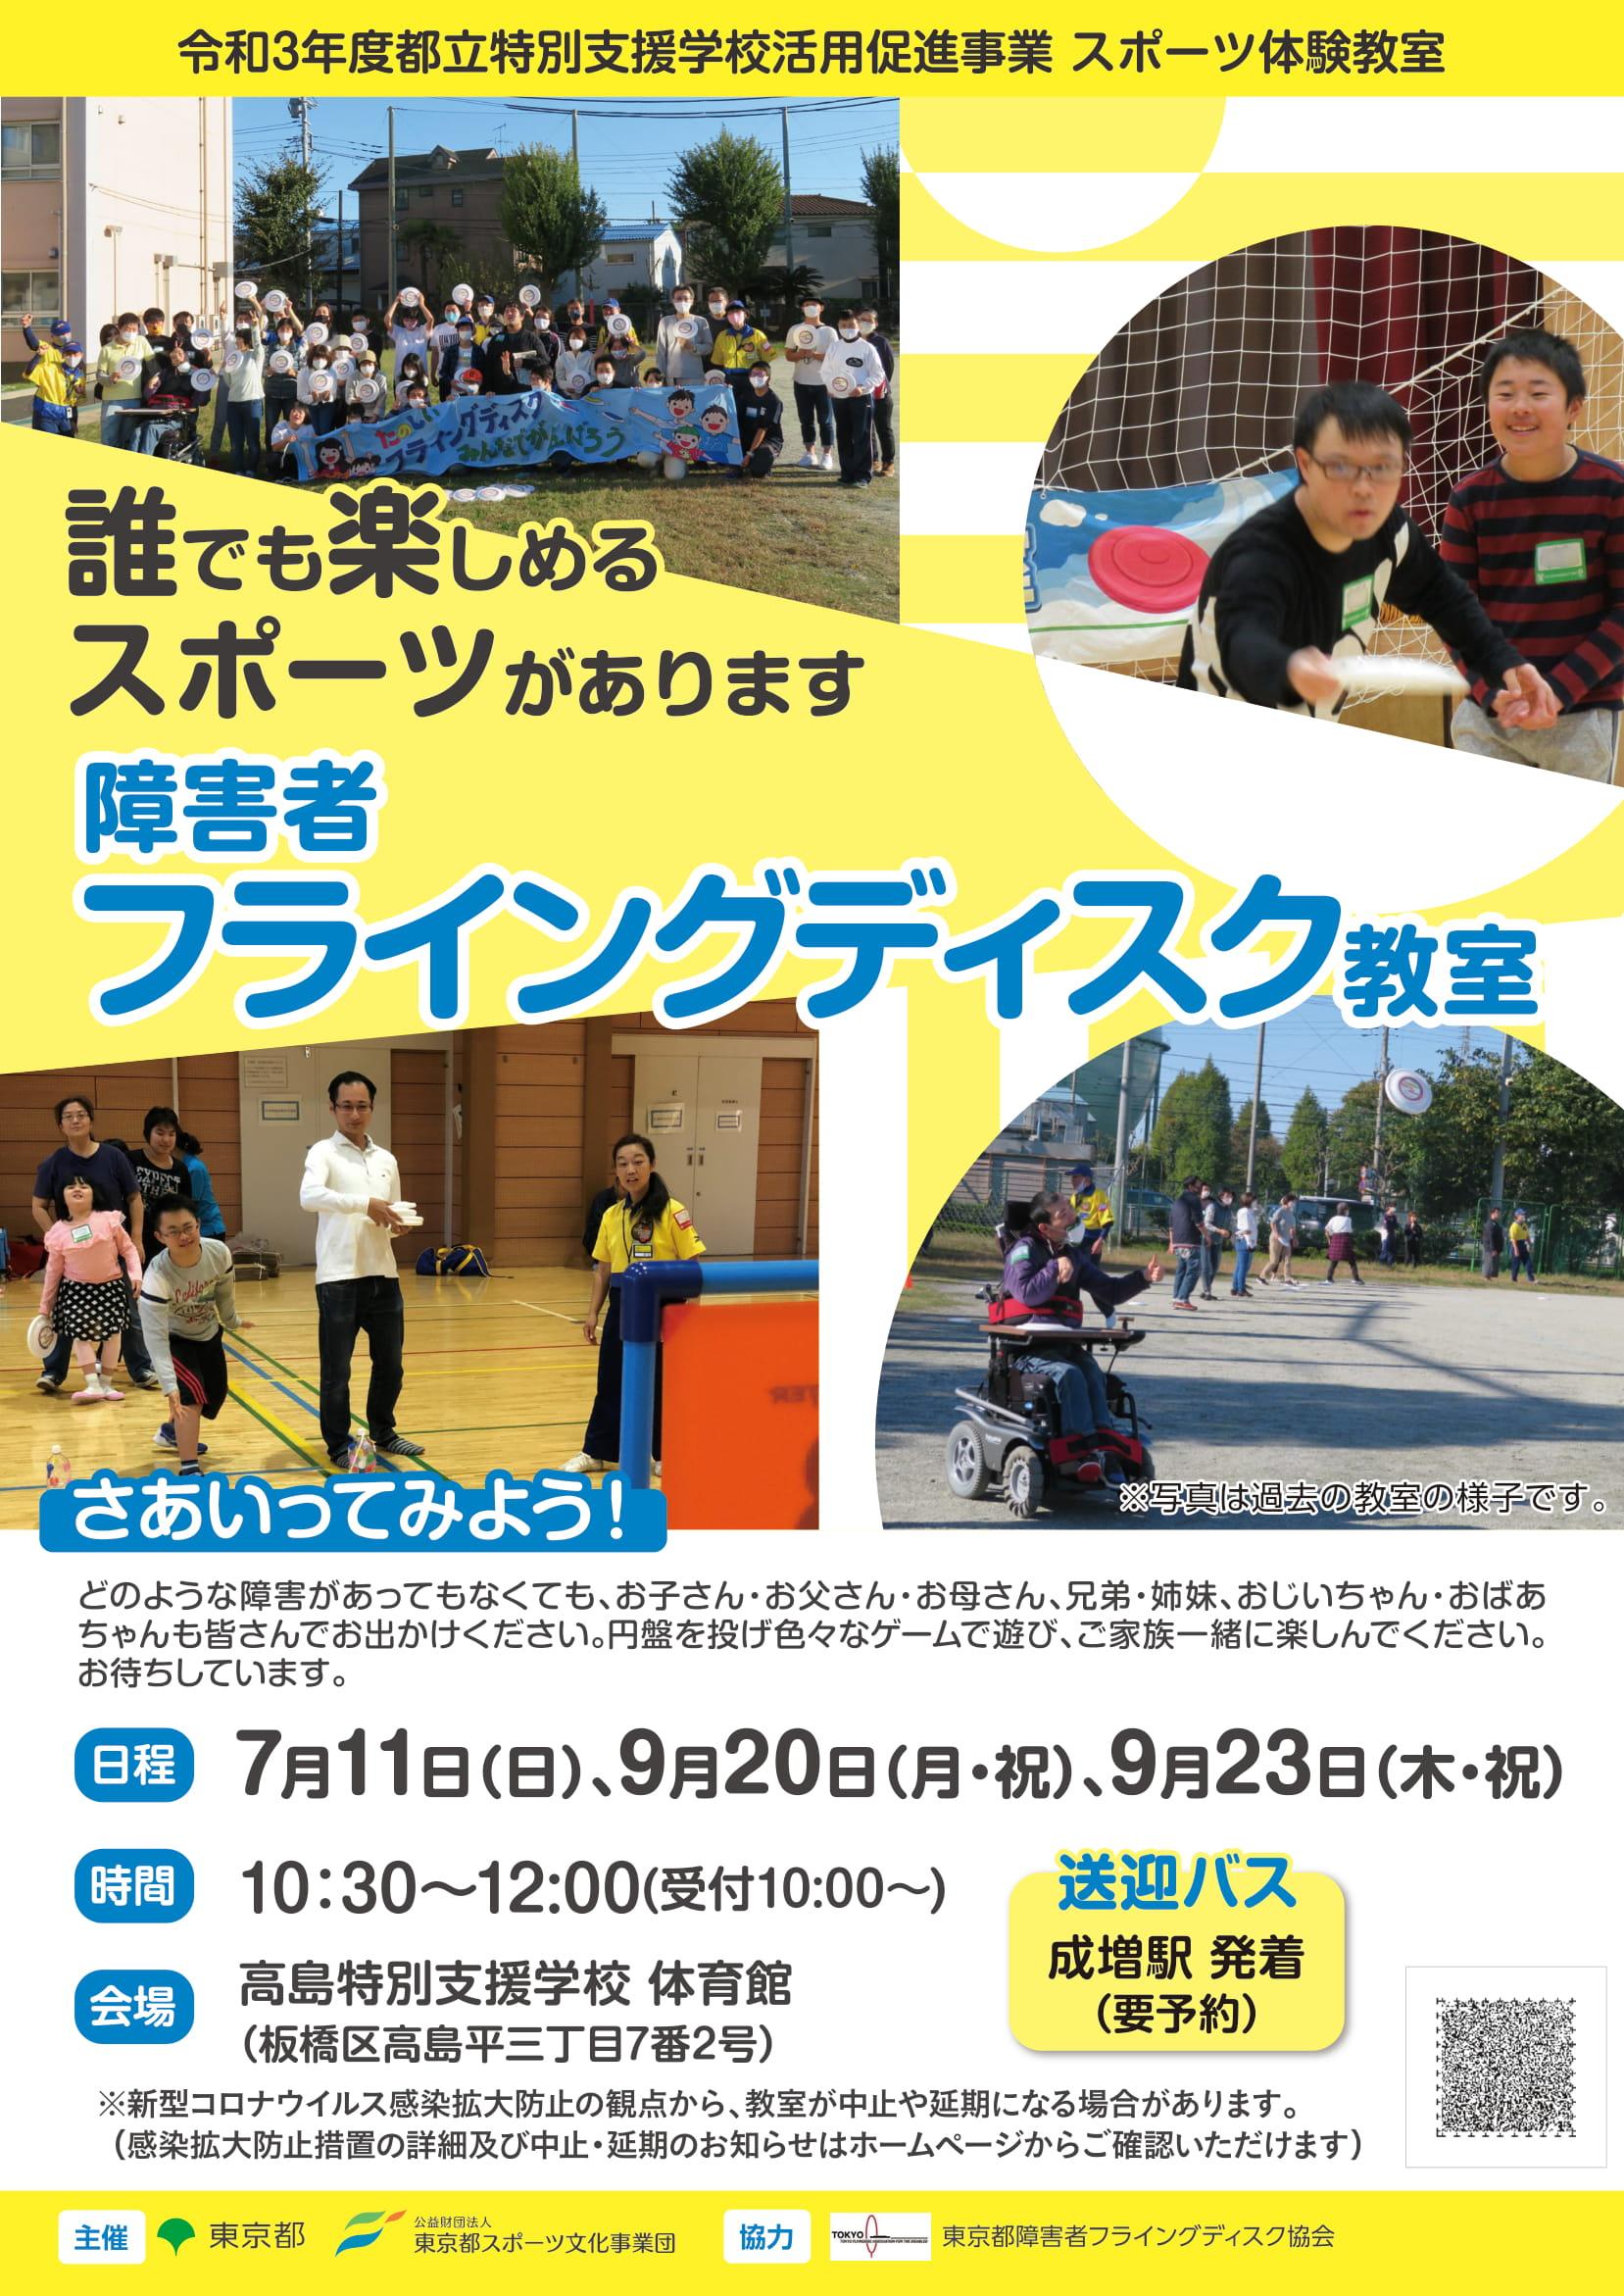 障害者フライングディスク教室【高島】